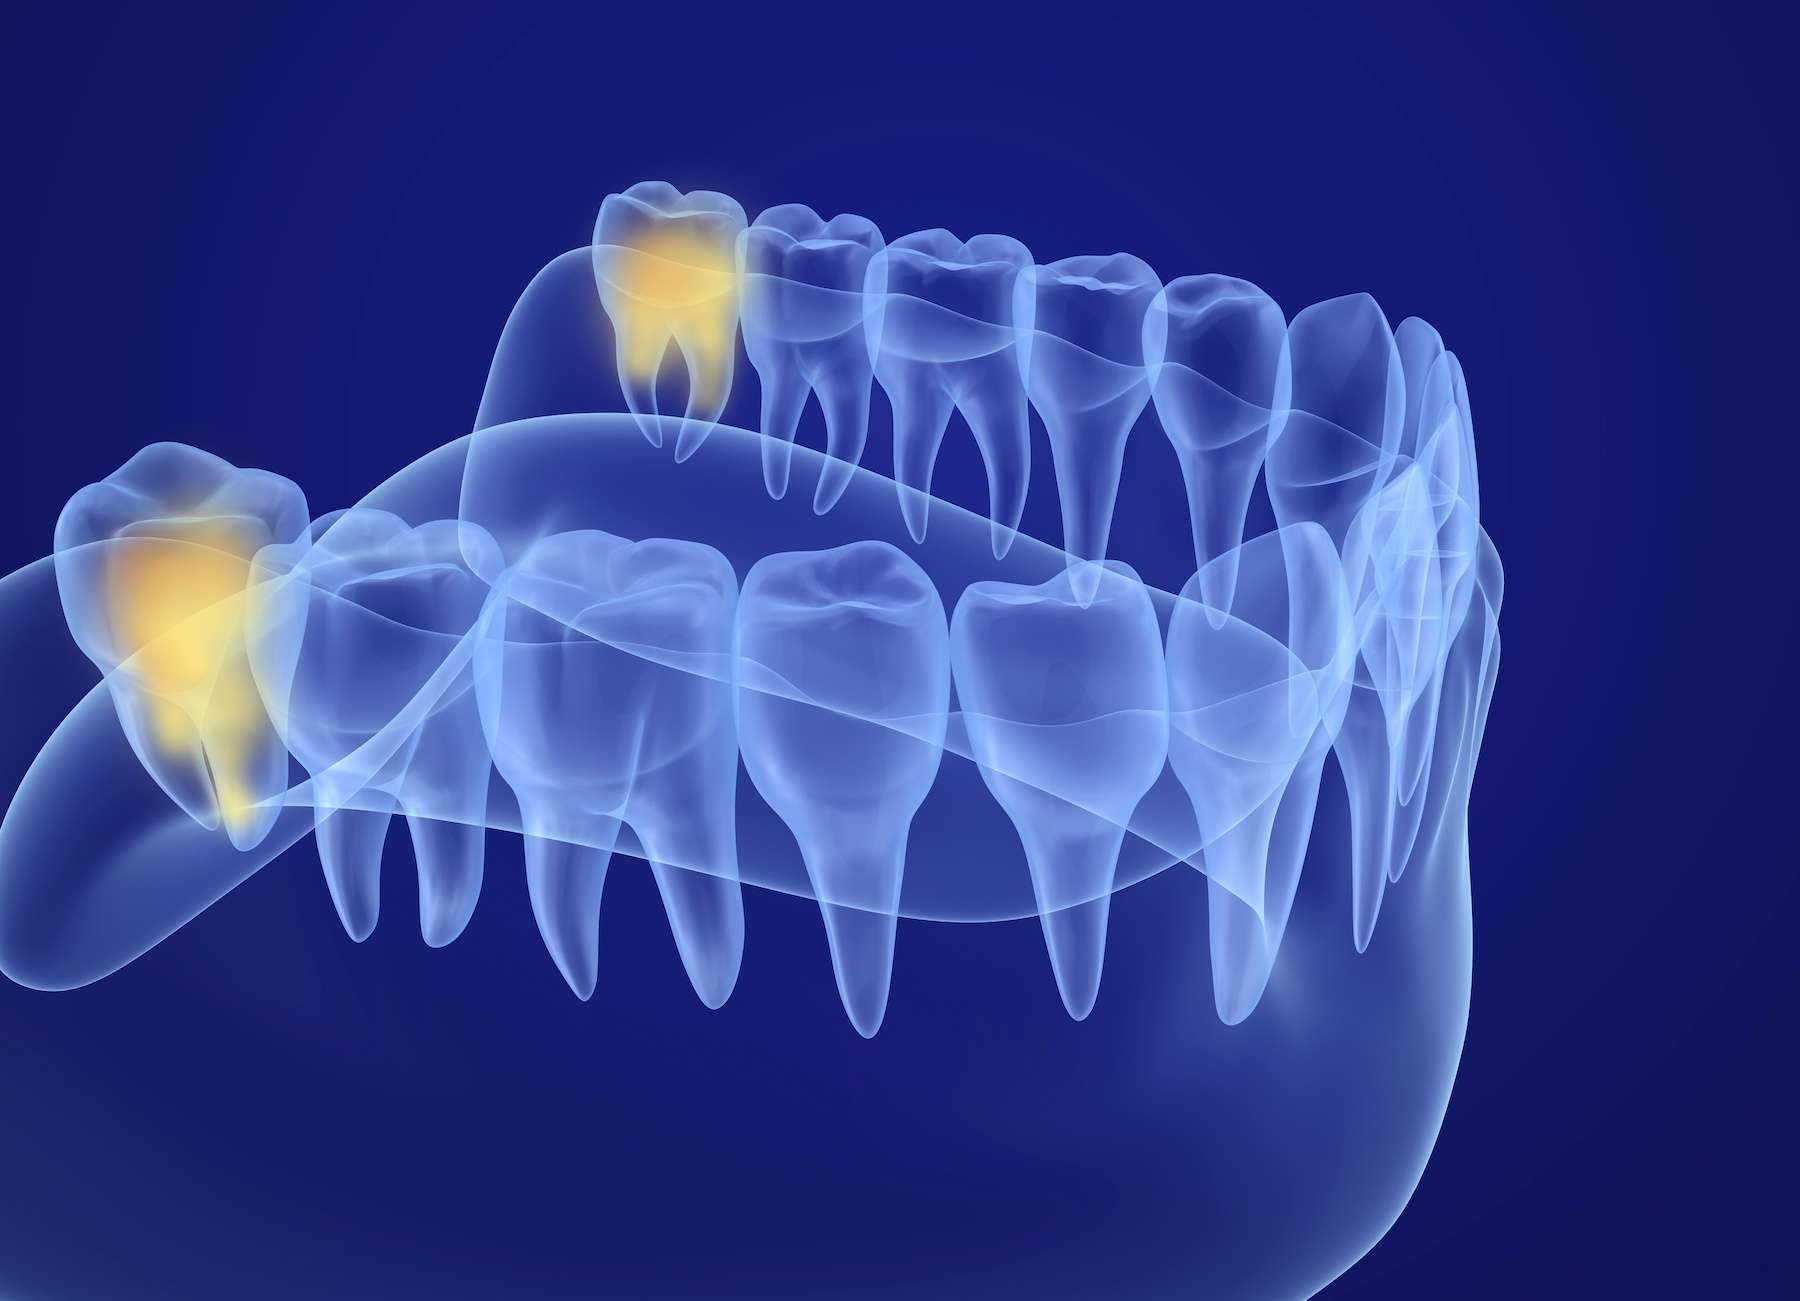 Notre crâne est plus aplati que celui des autres primates, les dents ont moins de place pour pousser. © Alexandr Mitiuc, Adobe Stock